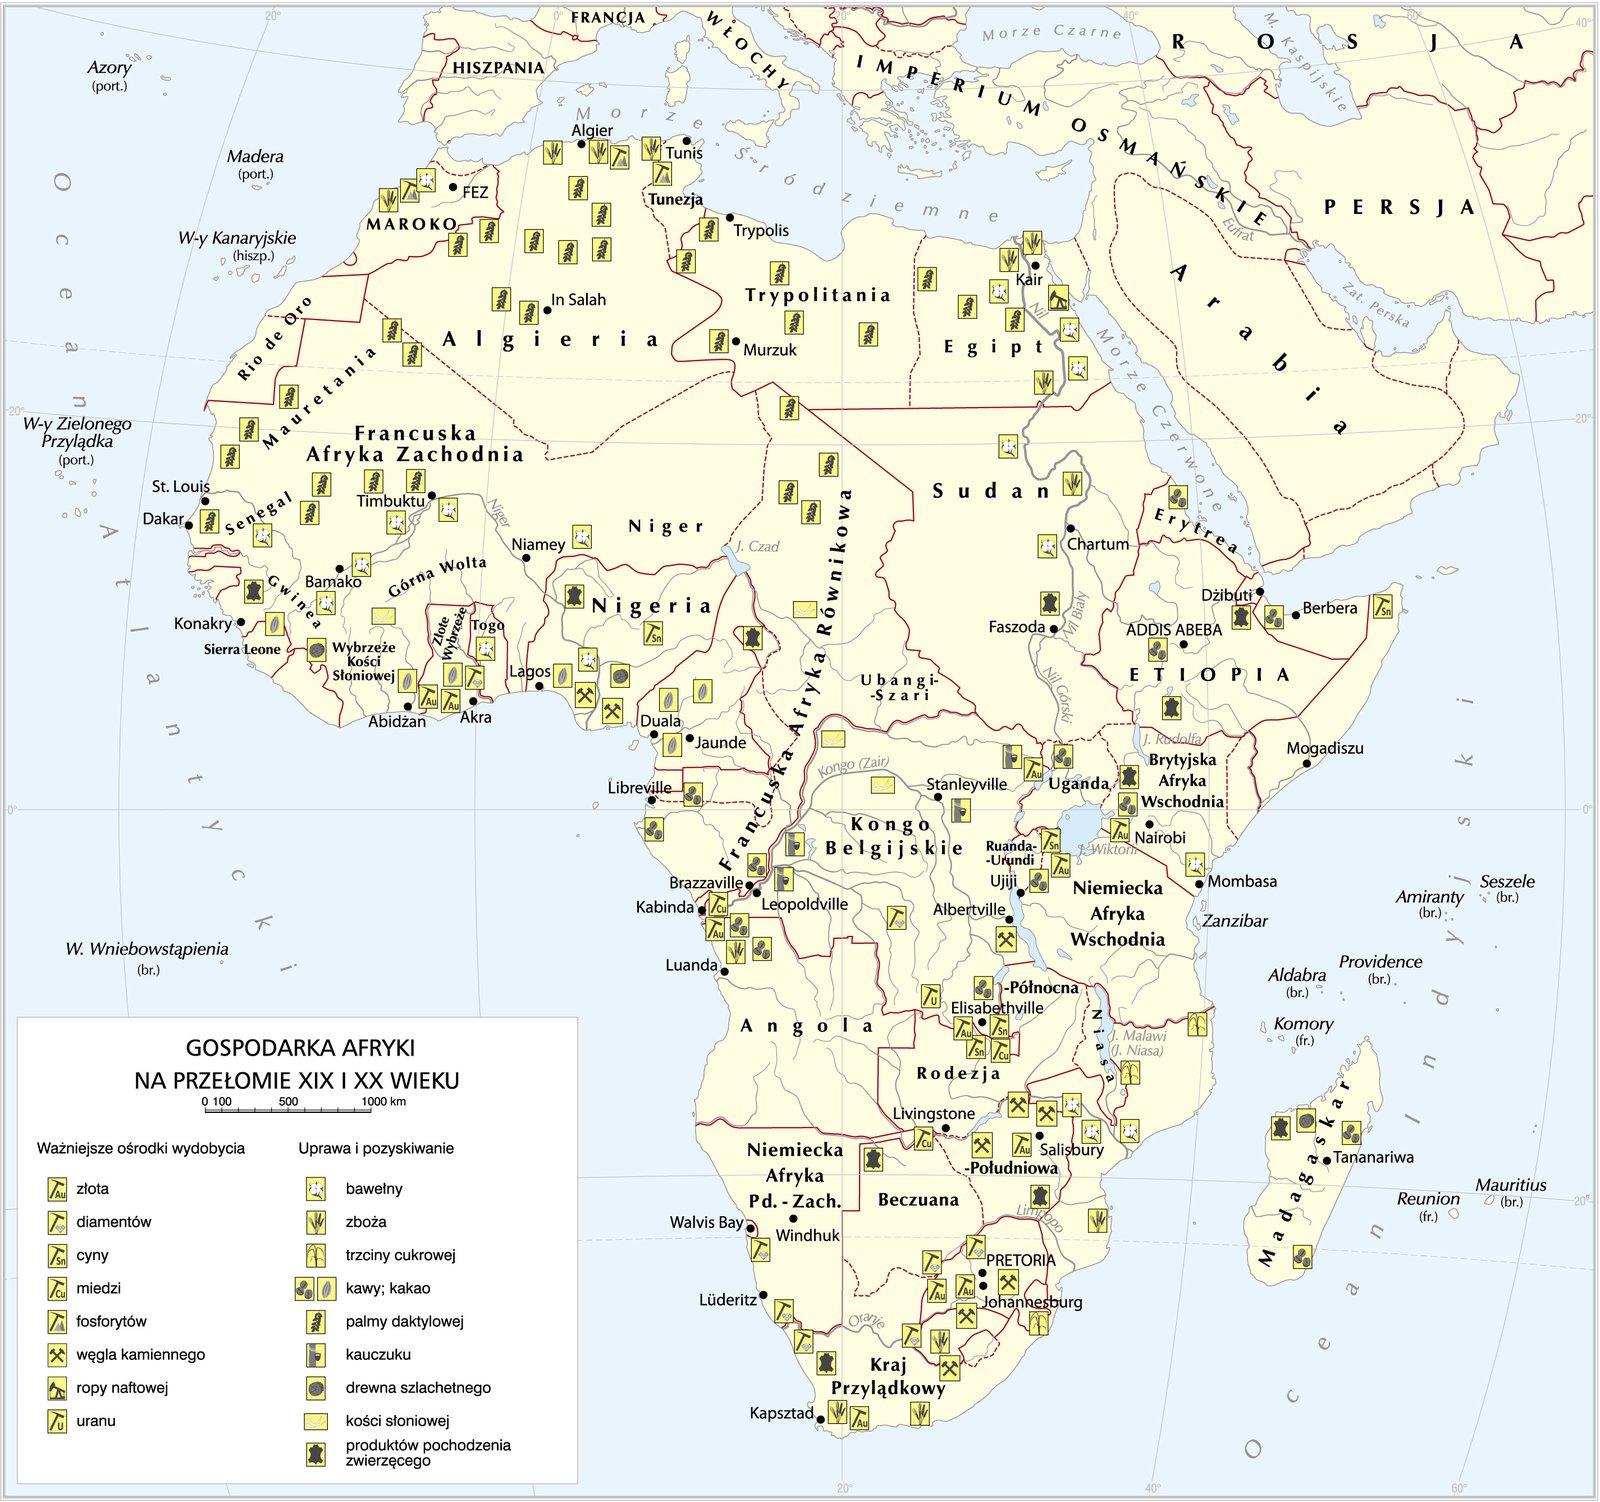 Gospodarka Afryki na przełomie XIX iXX wieku Źródło: Gospodarka Afryki na przełomie XIX iXX wieku, Krystian Chariza izespół.